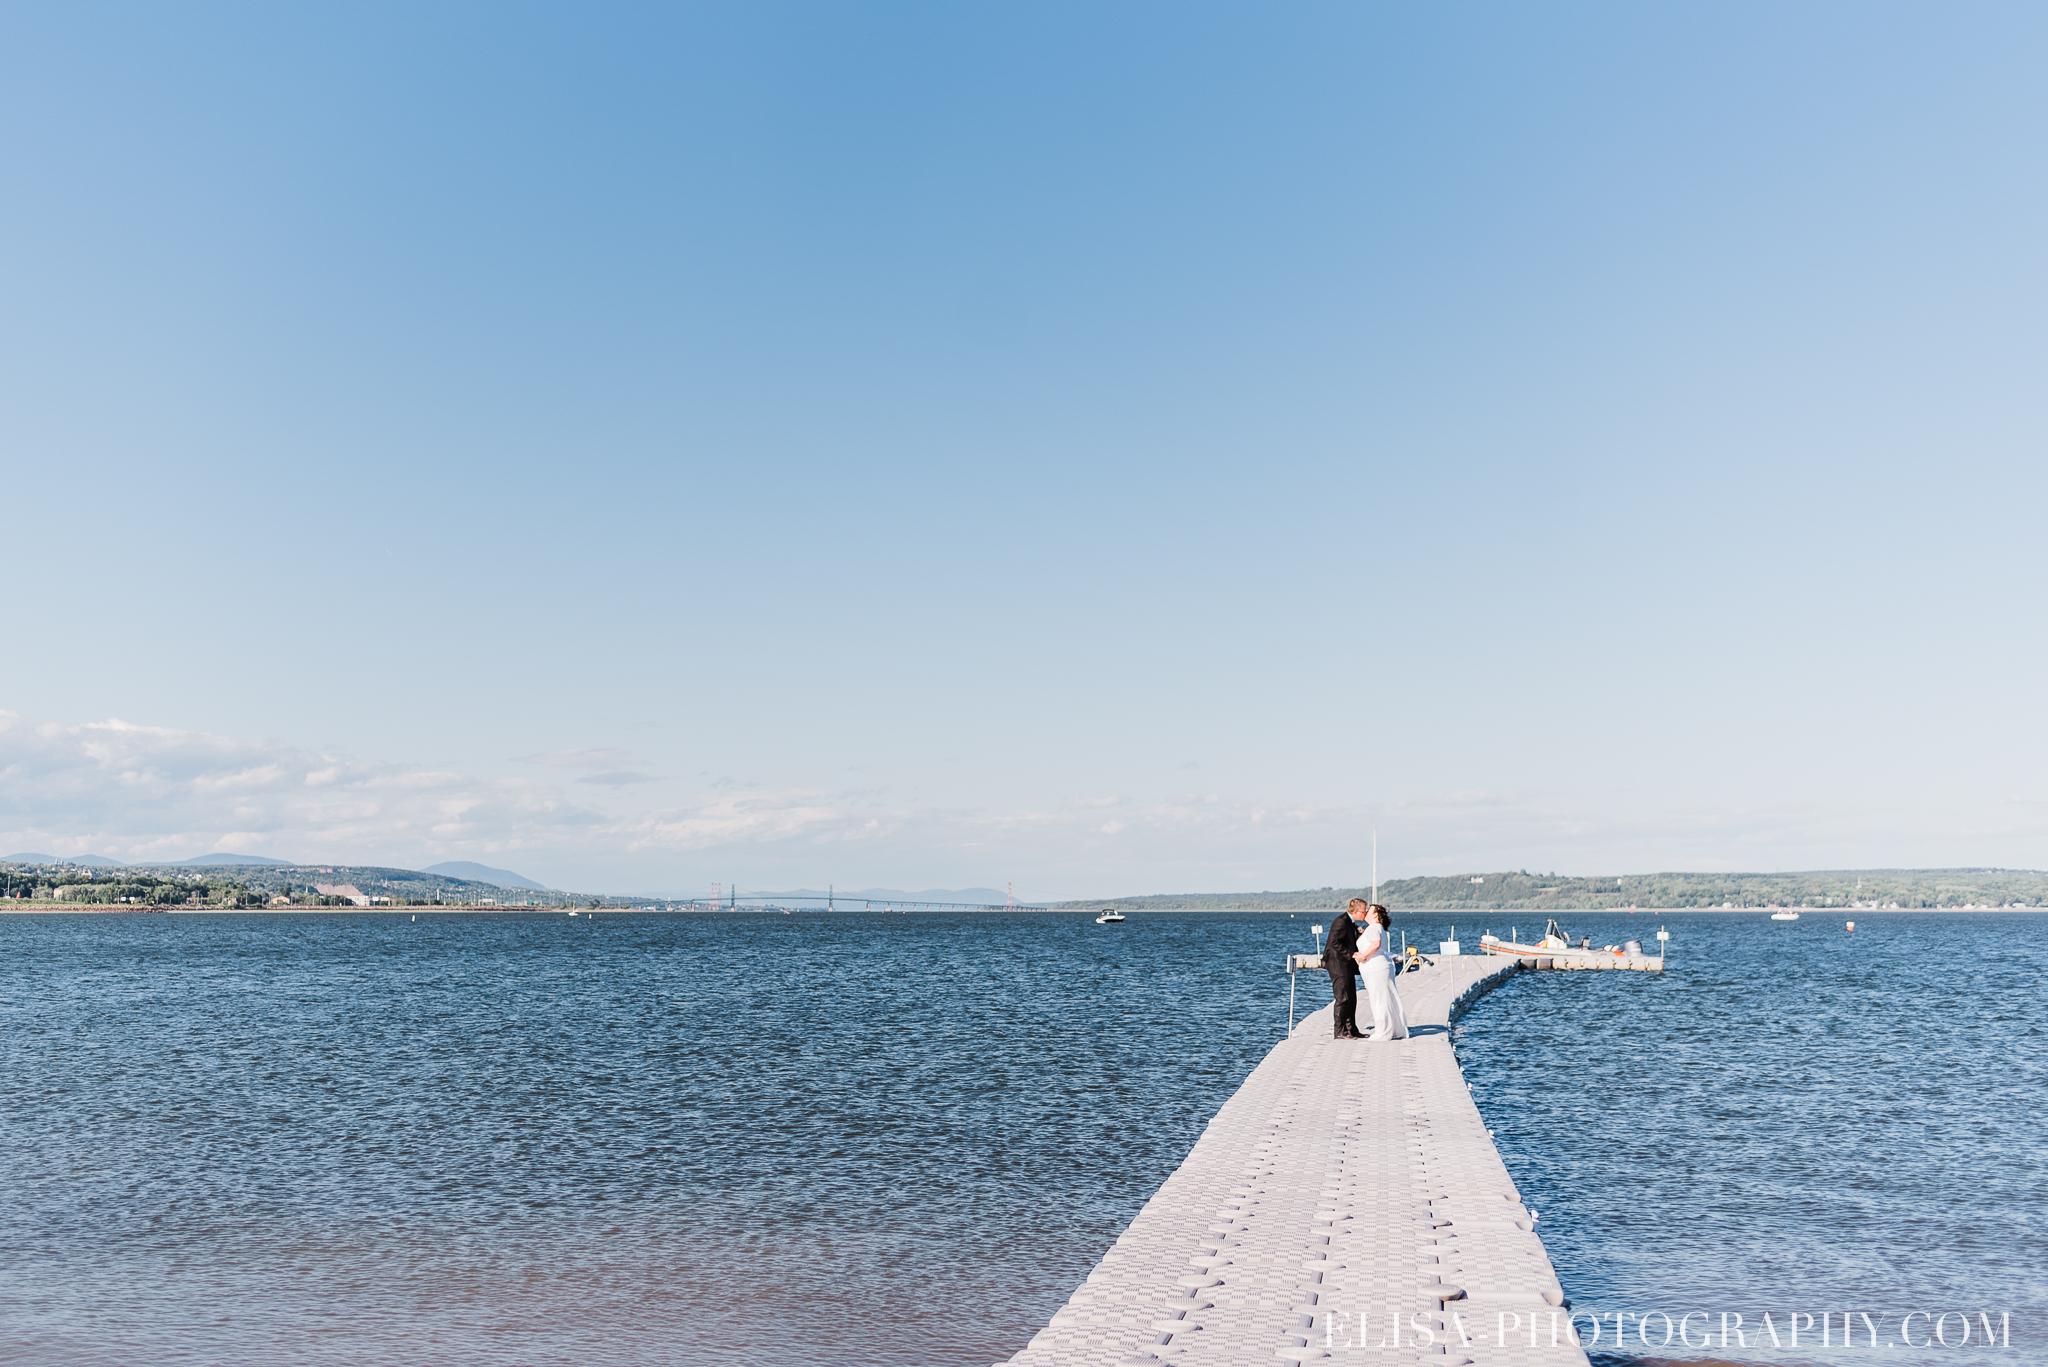 photo mariage portrait couple naturel fleuve riviere plage quai 8445 - Mariage à la plage de la baie de Beauport